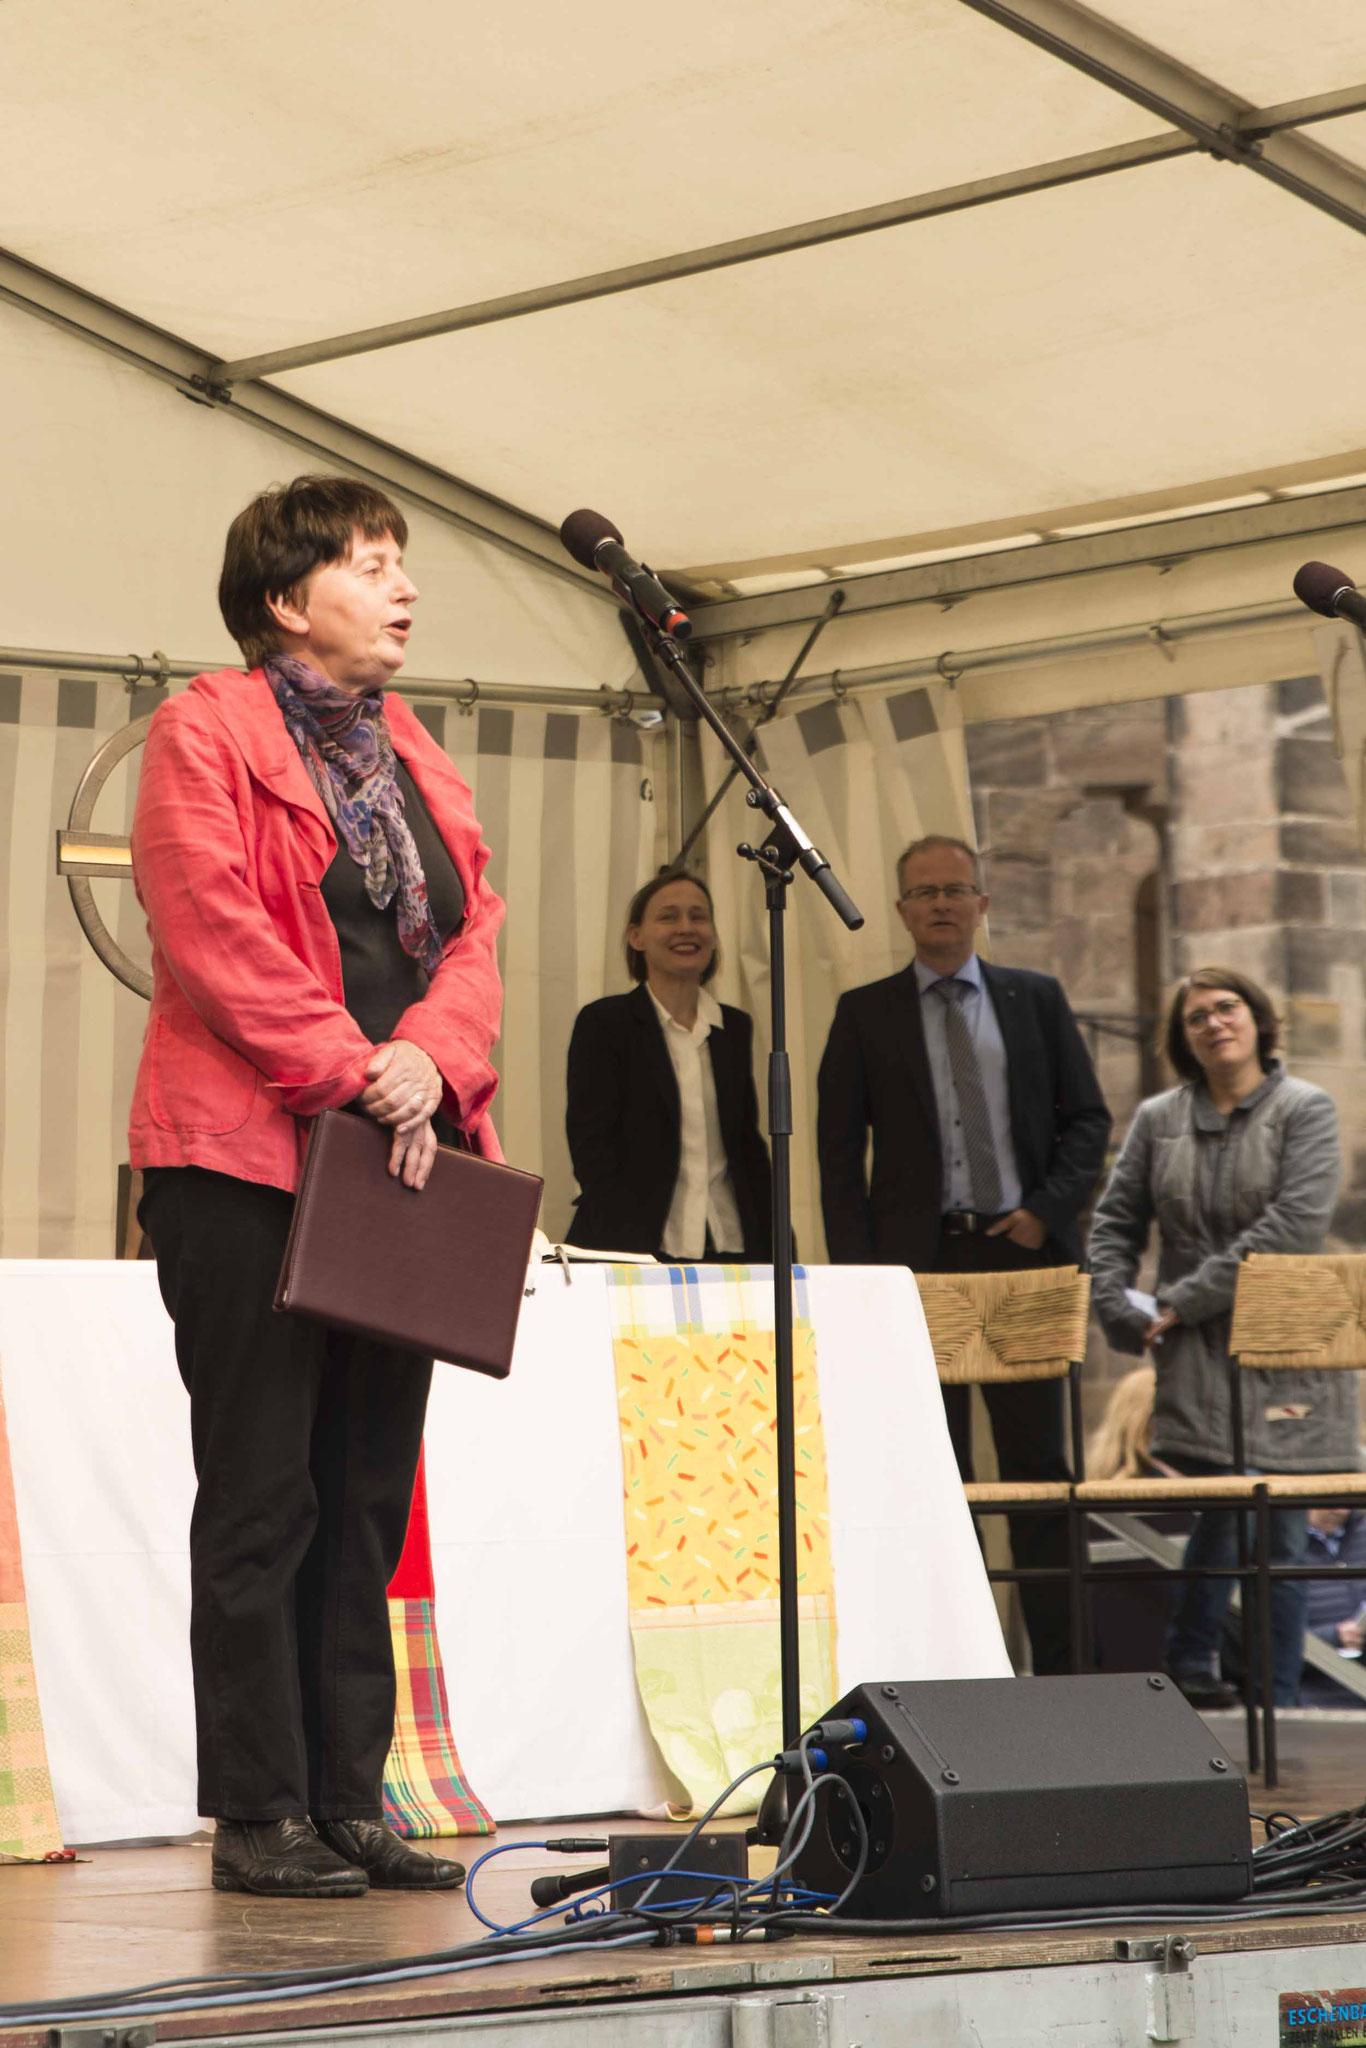 Kirchenversteherin Susanne Hofacker